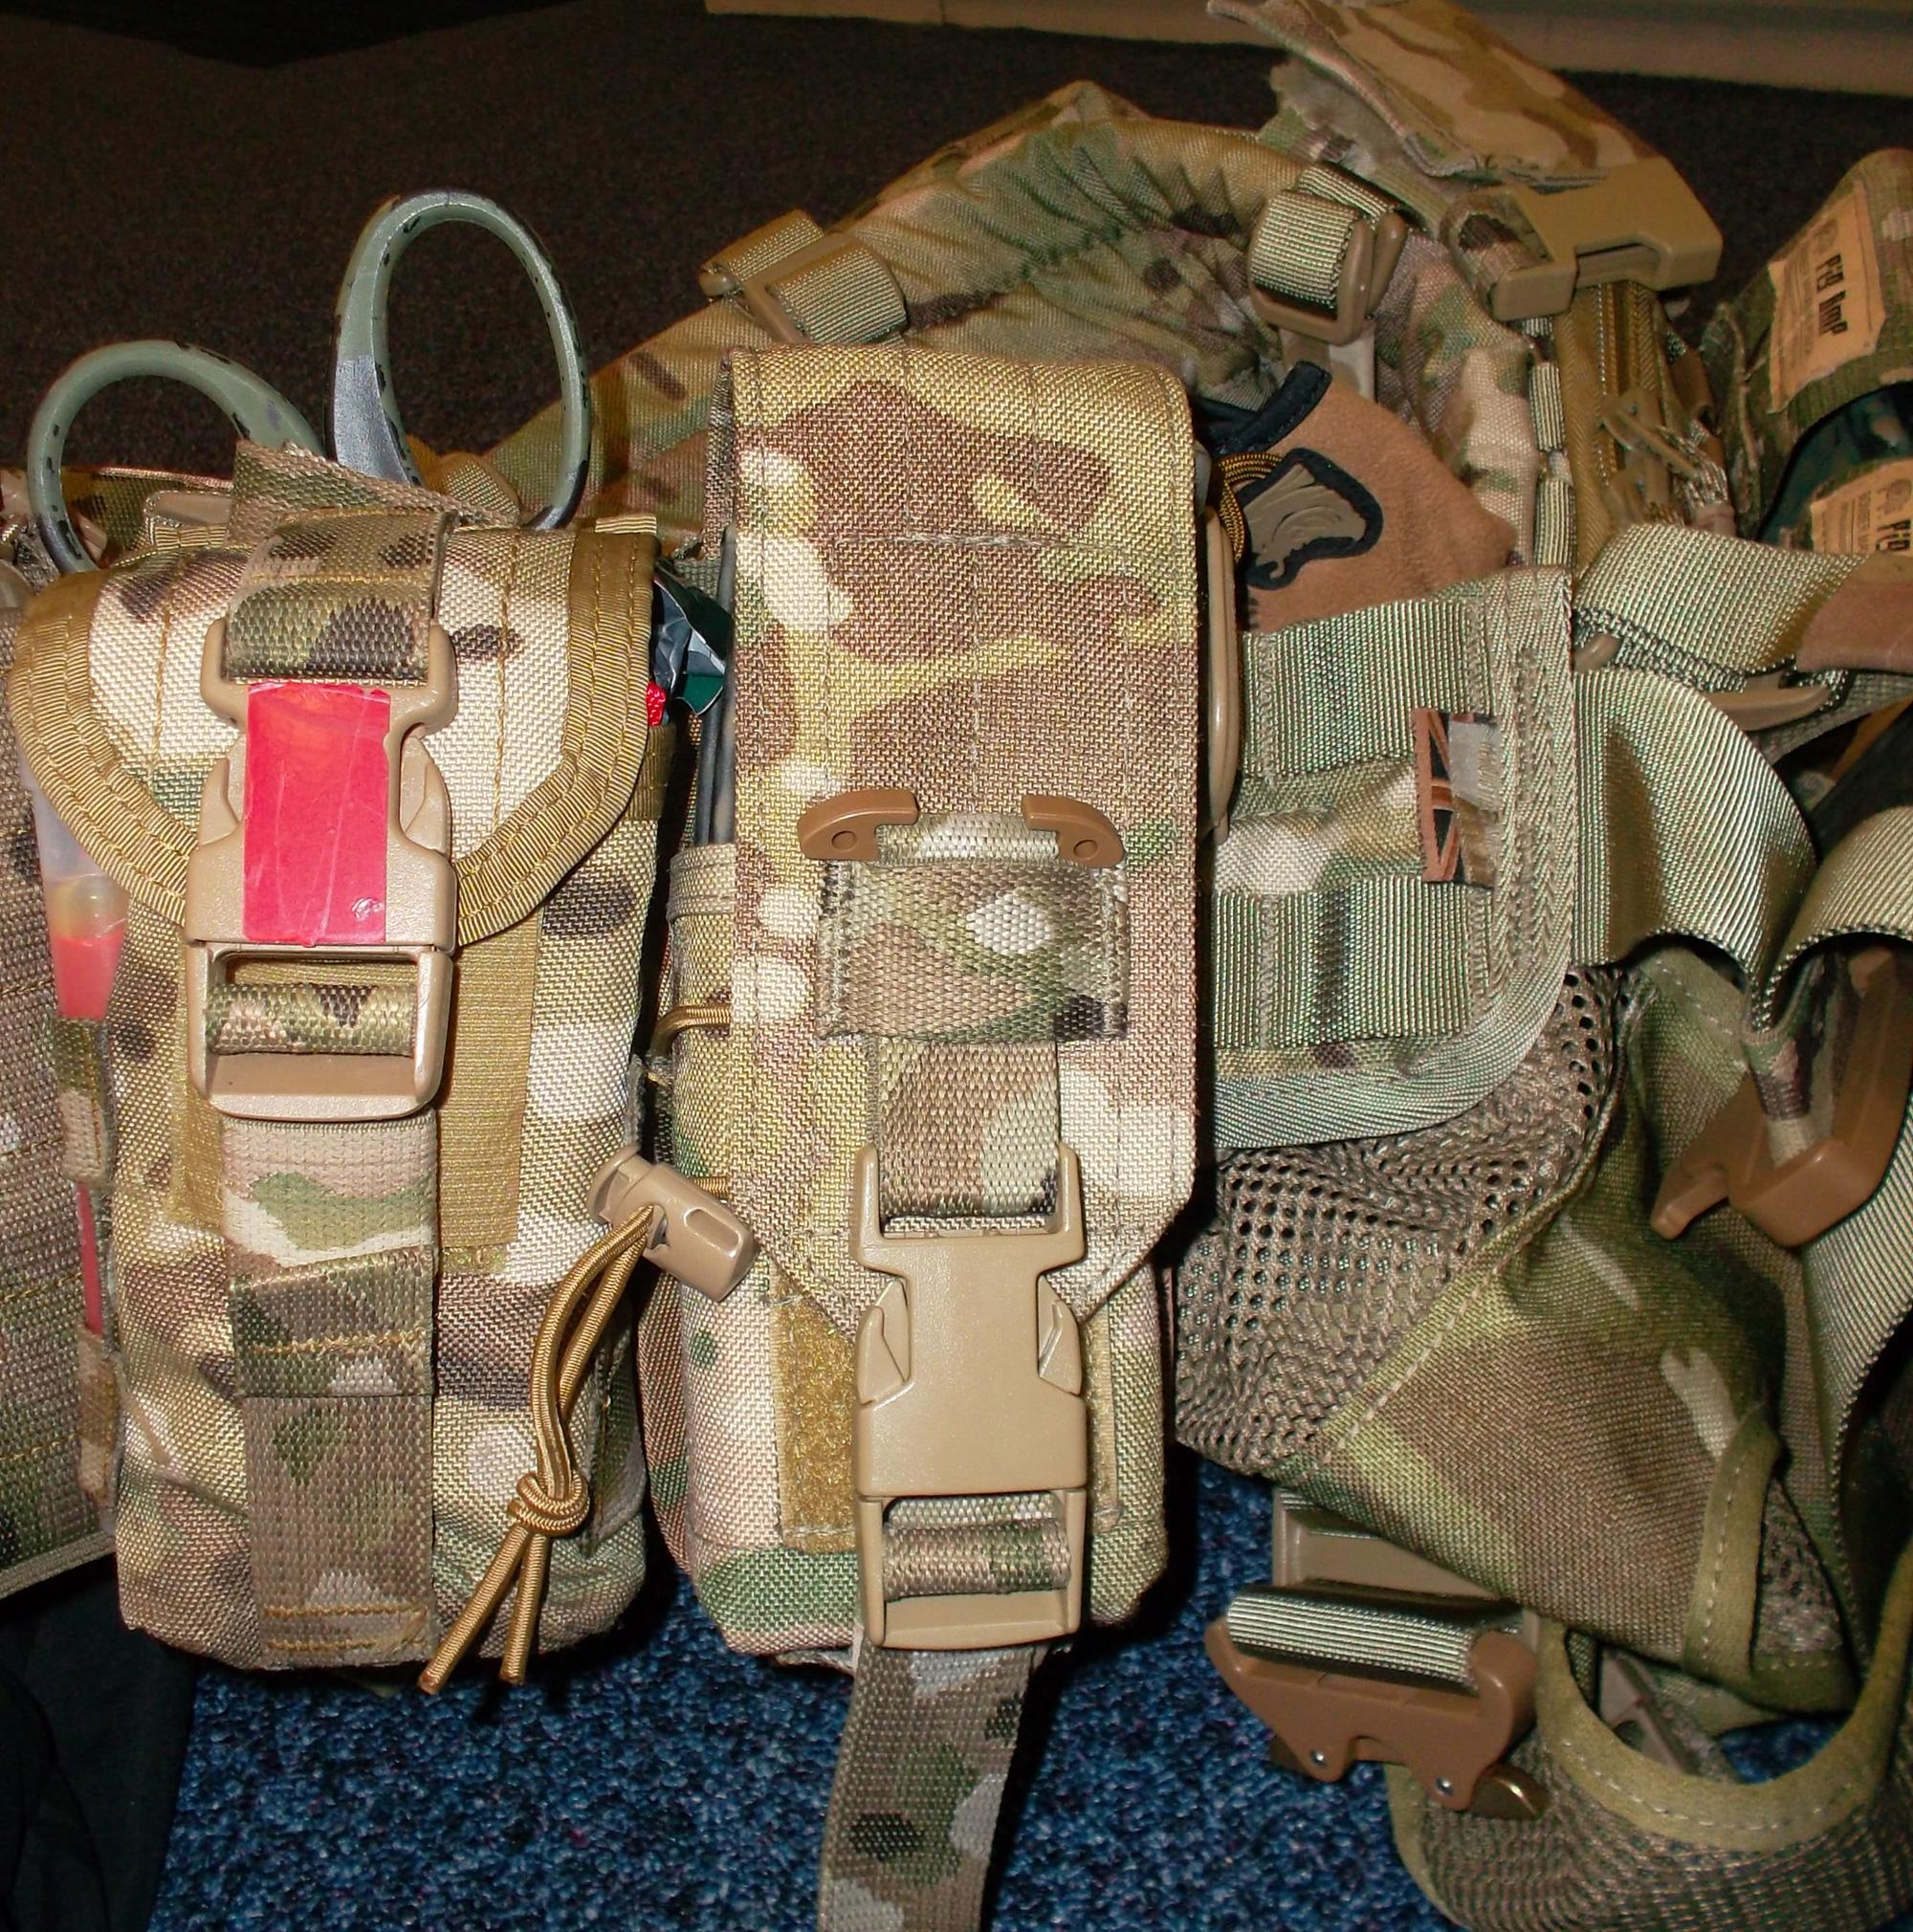 Ammo with Buckle Silence Kit